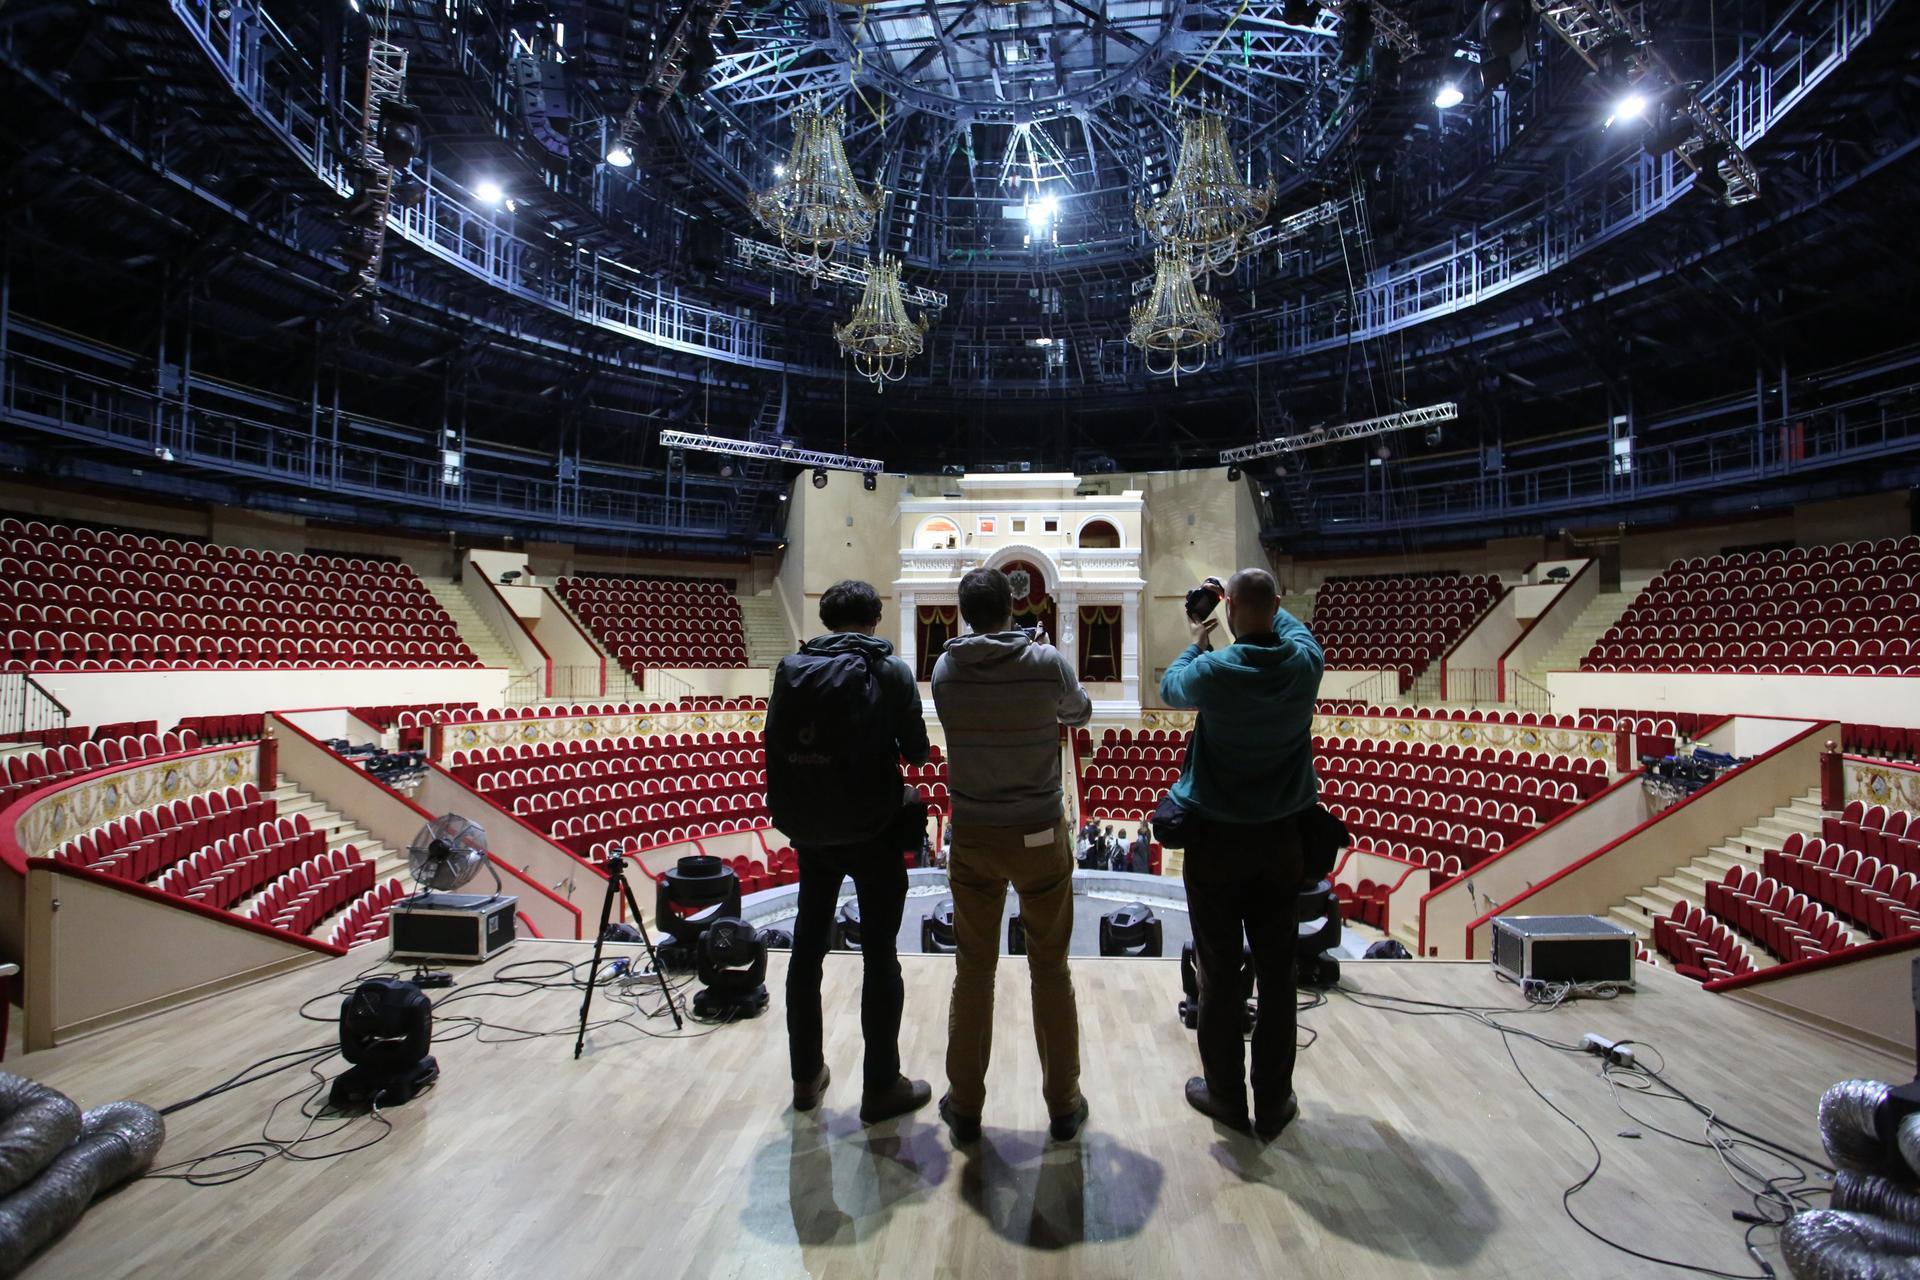 Организаторы концертов предупредили о надвигающемся крахе индустрии